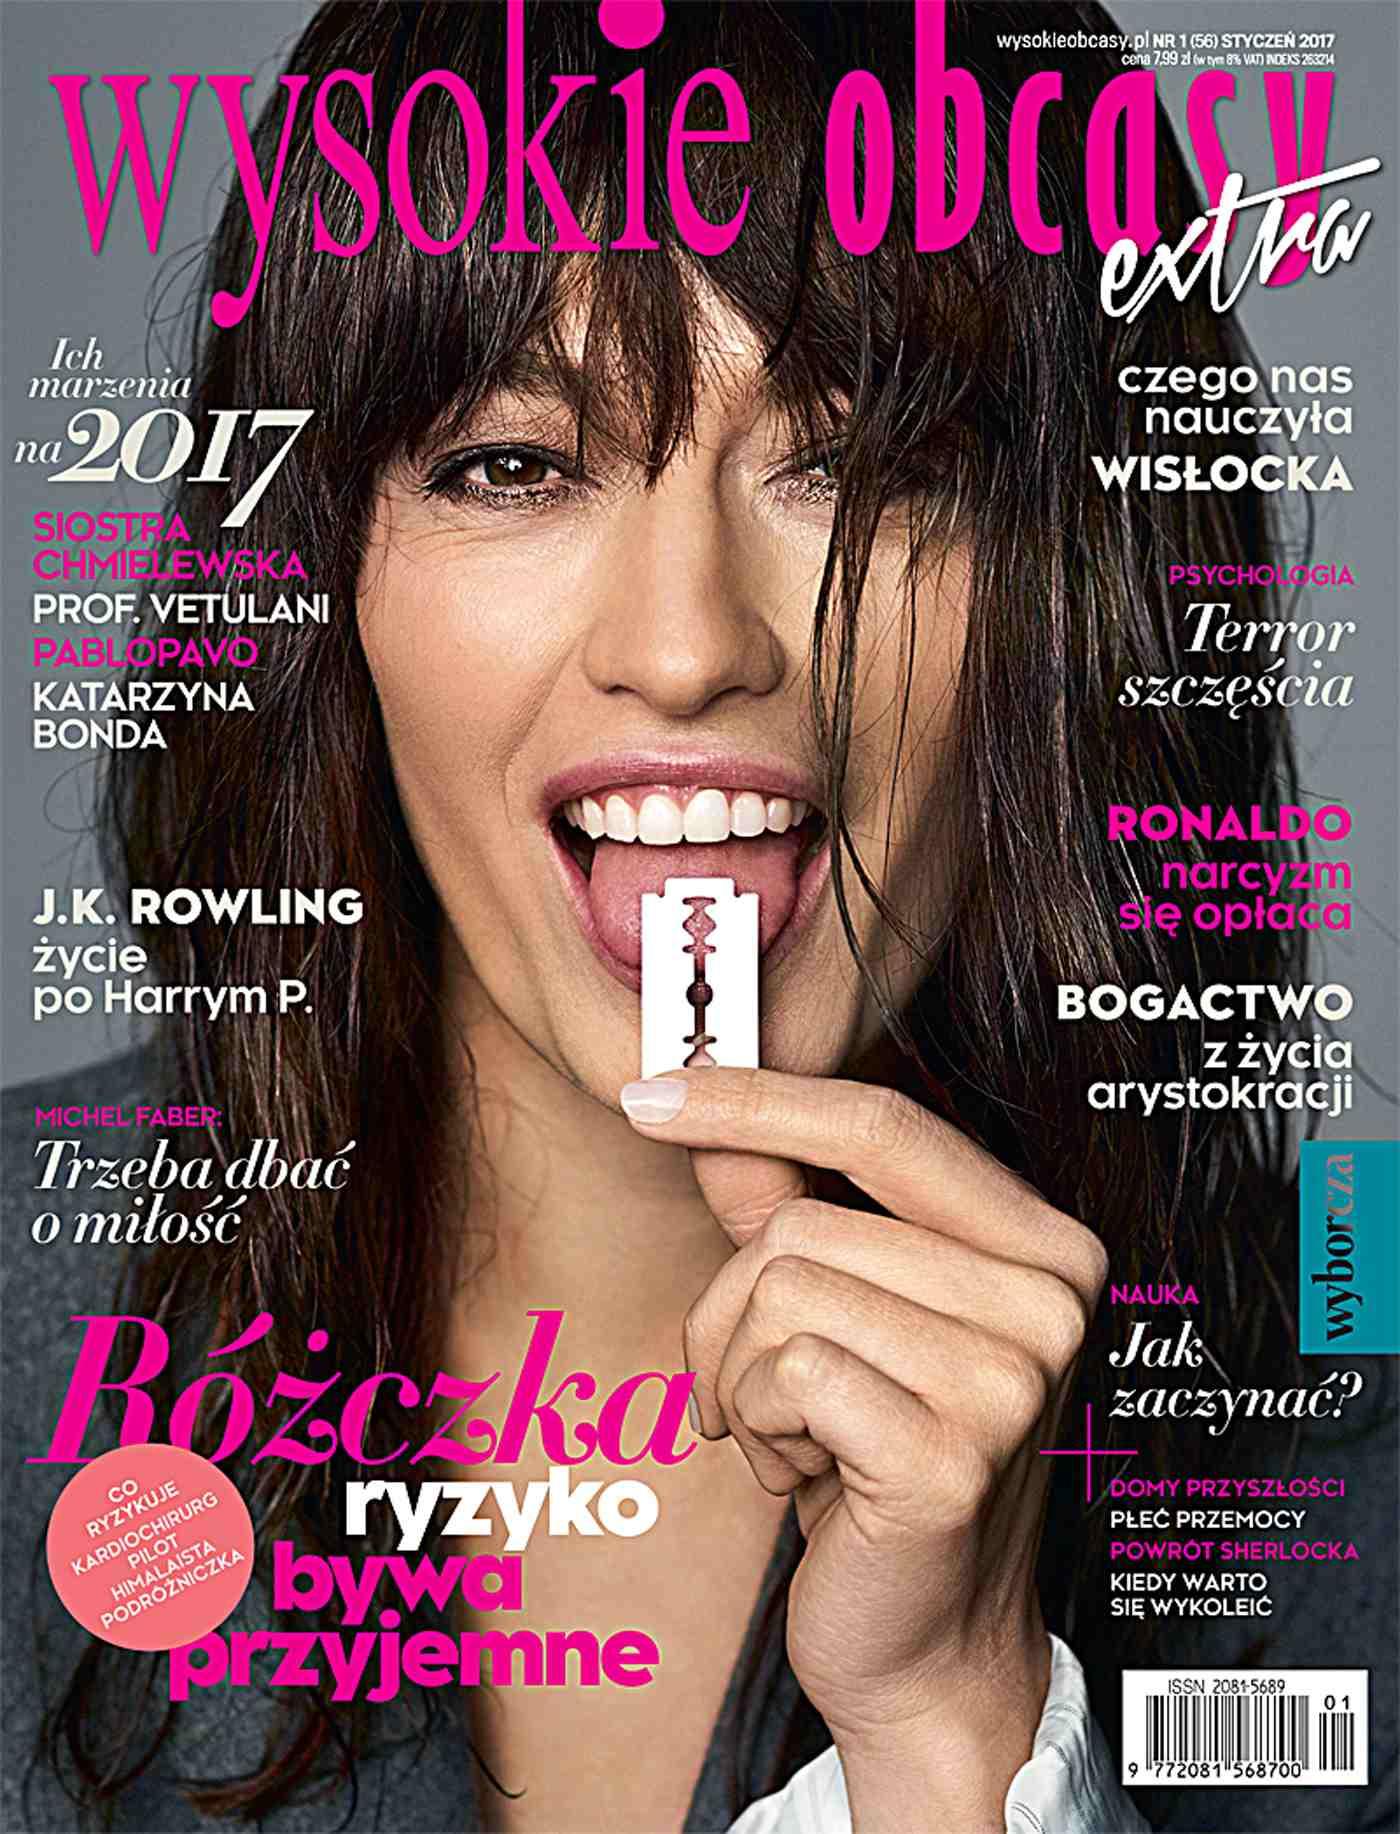 Wysokie Obcasy Extra 1/2017 - Ebook (Książka PDF) do pobrania w formacie PDF